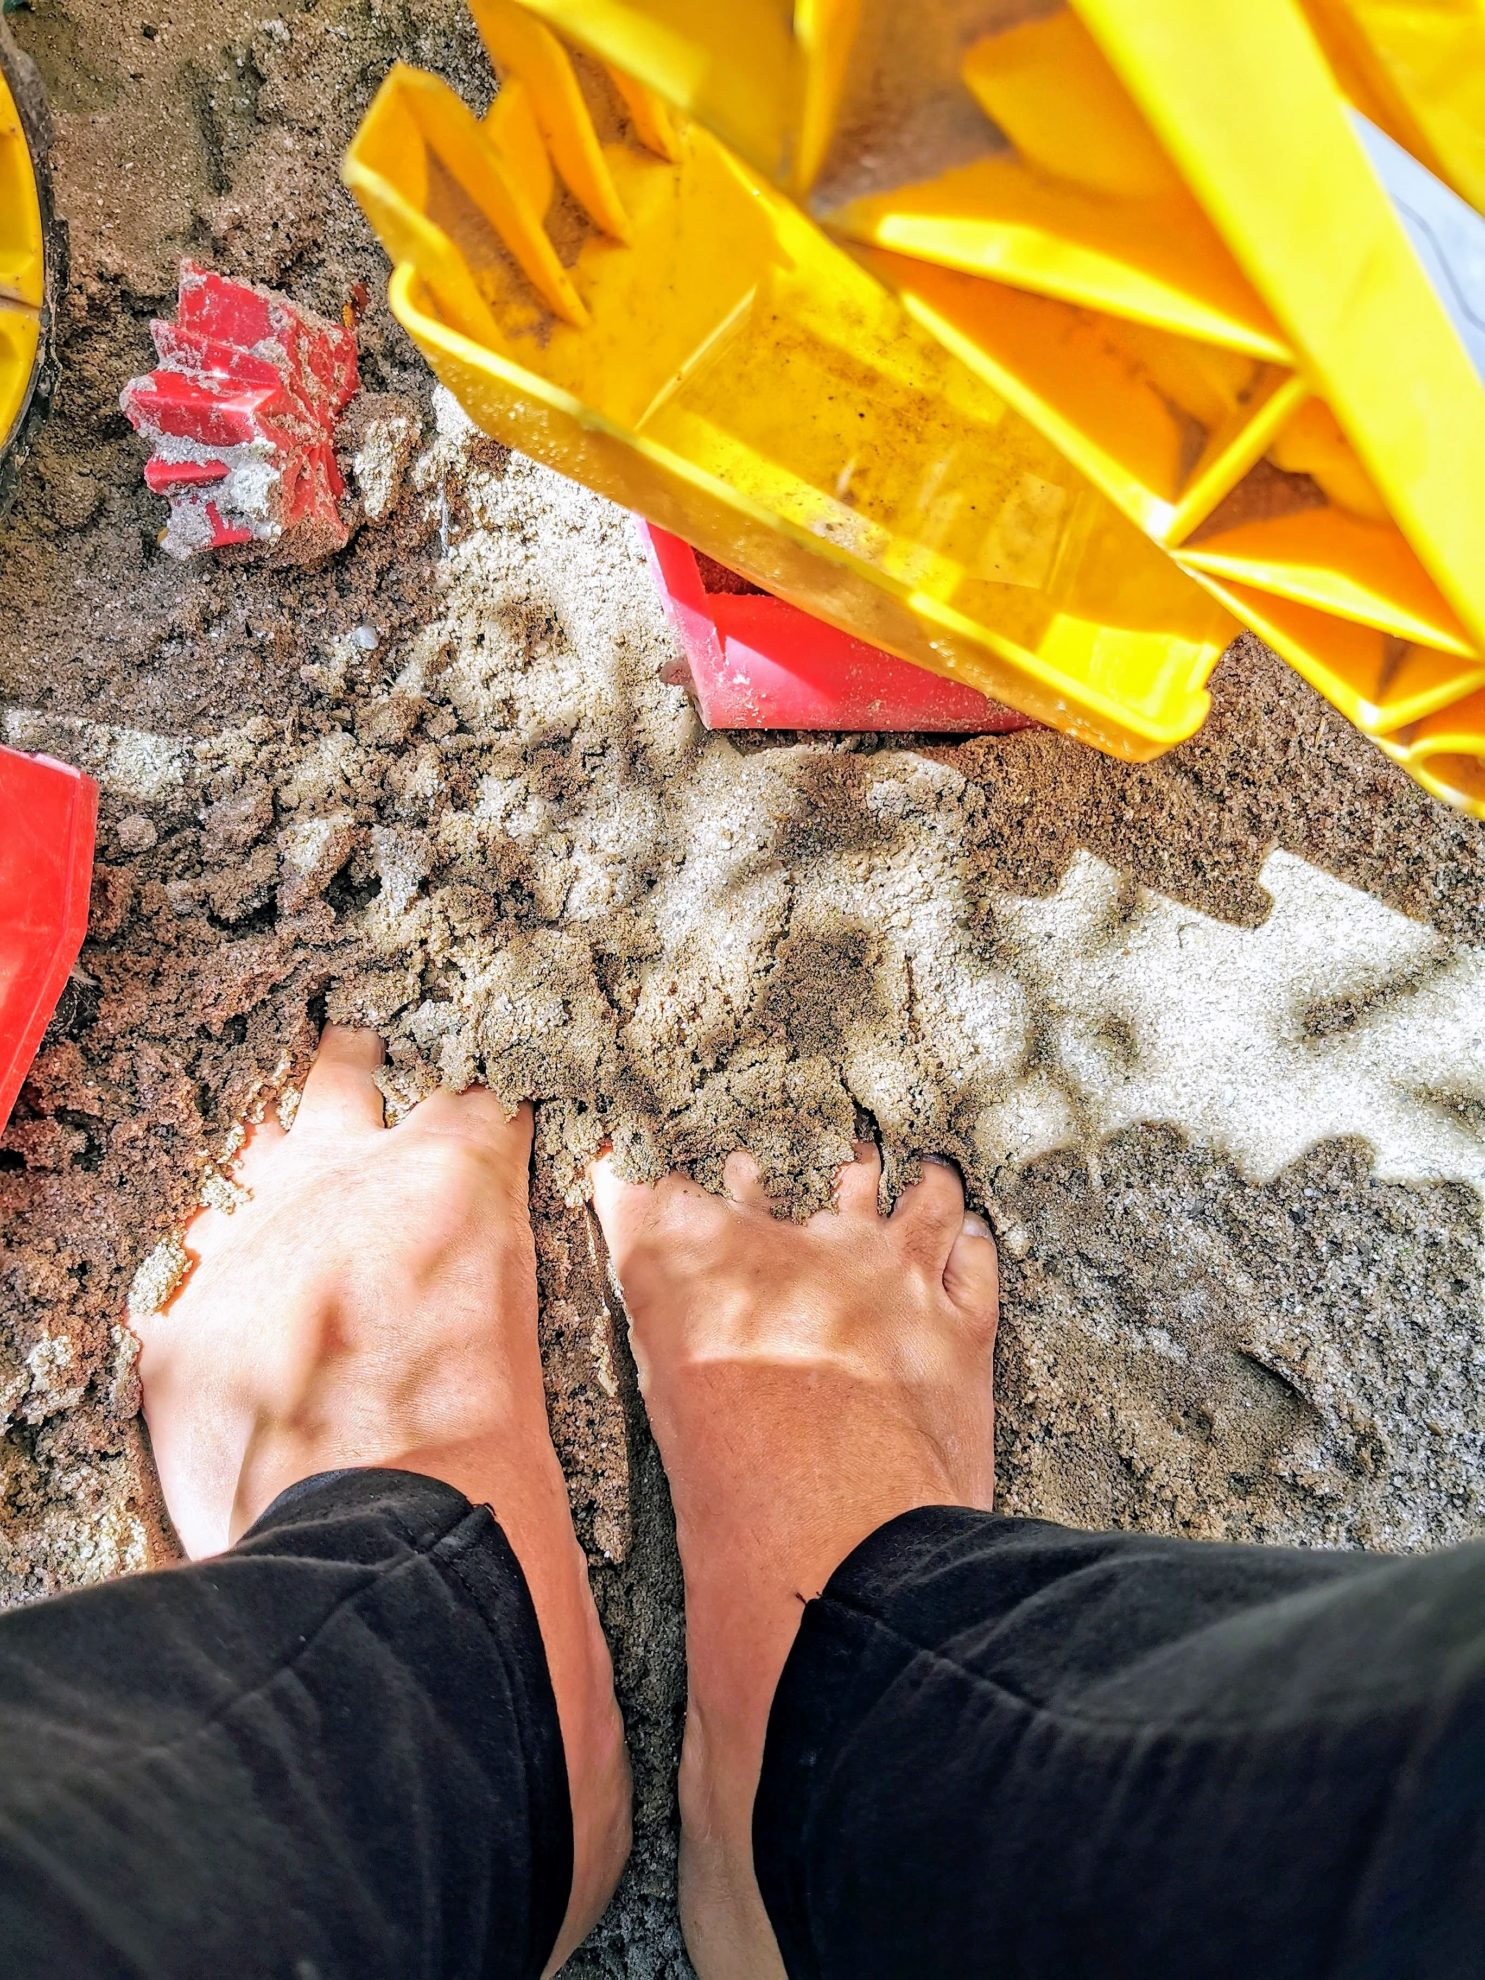 Urlaubsgefühl durch Zehen im Sandkasten - 12 von 12 im Juli 2020